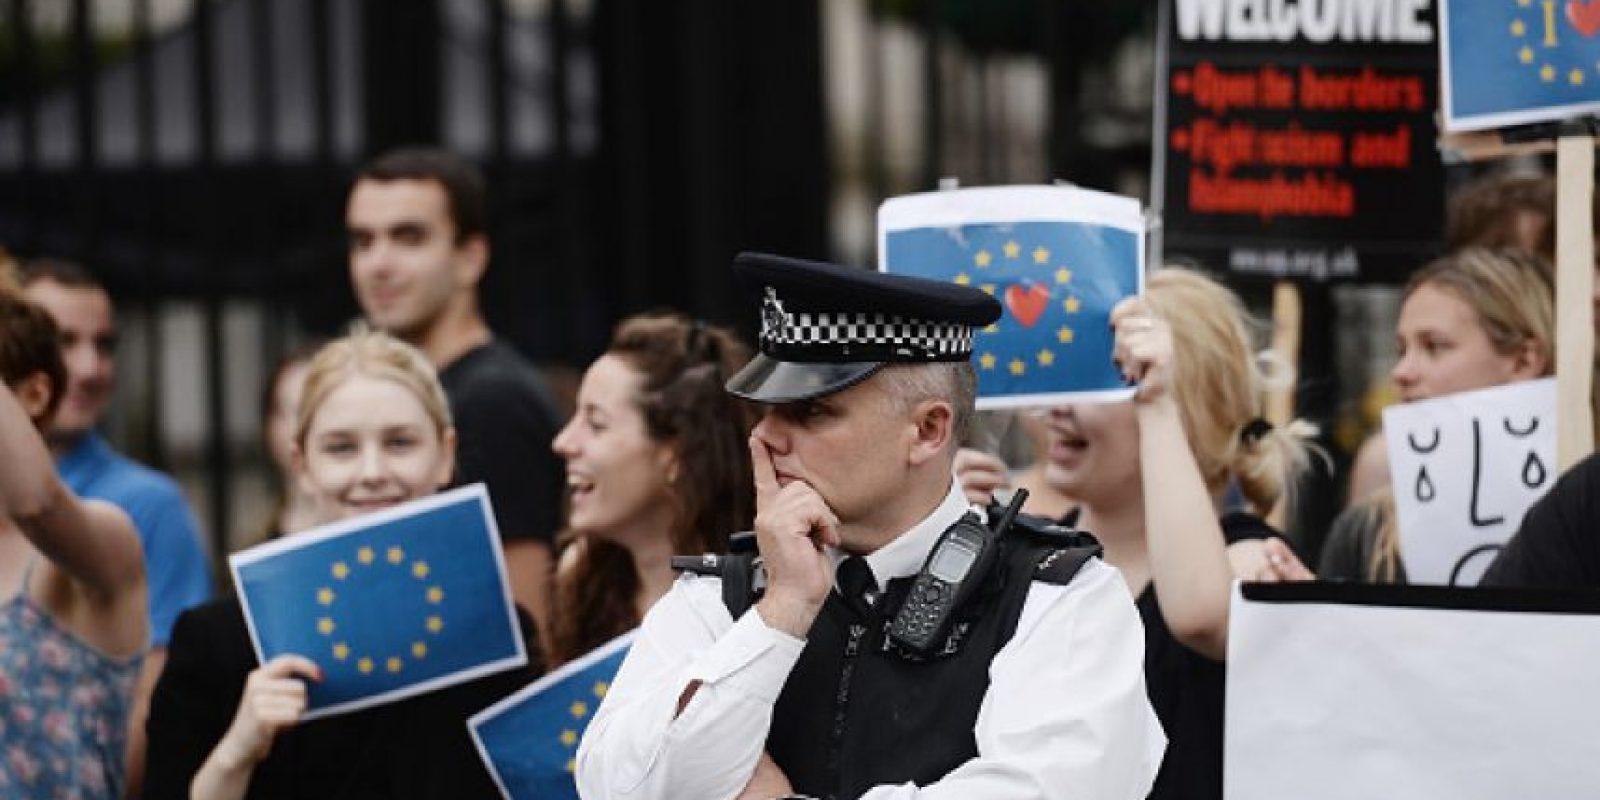 Ya que tendrán que vivir con las consecuencias del Brexit cerca de 60 años Foto:Getty Images